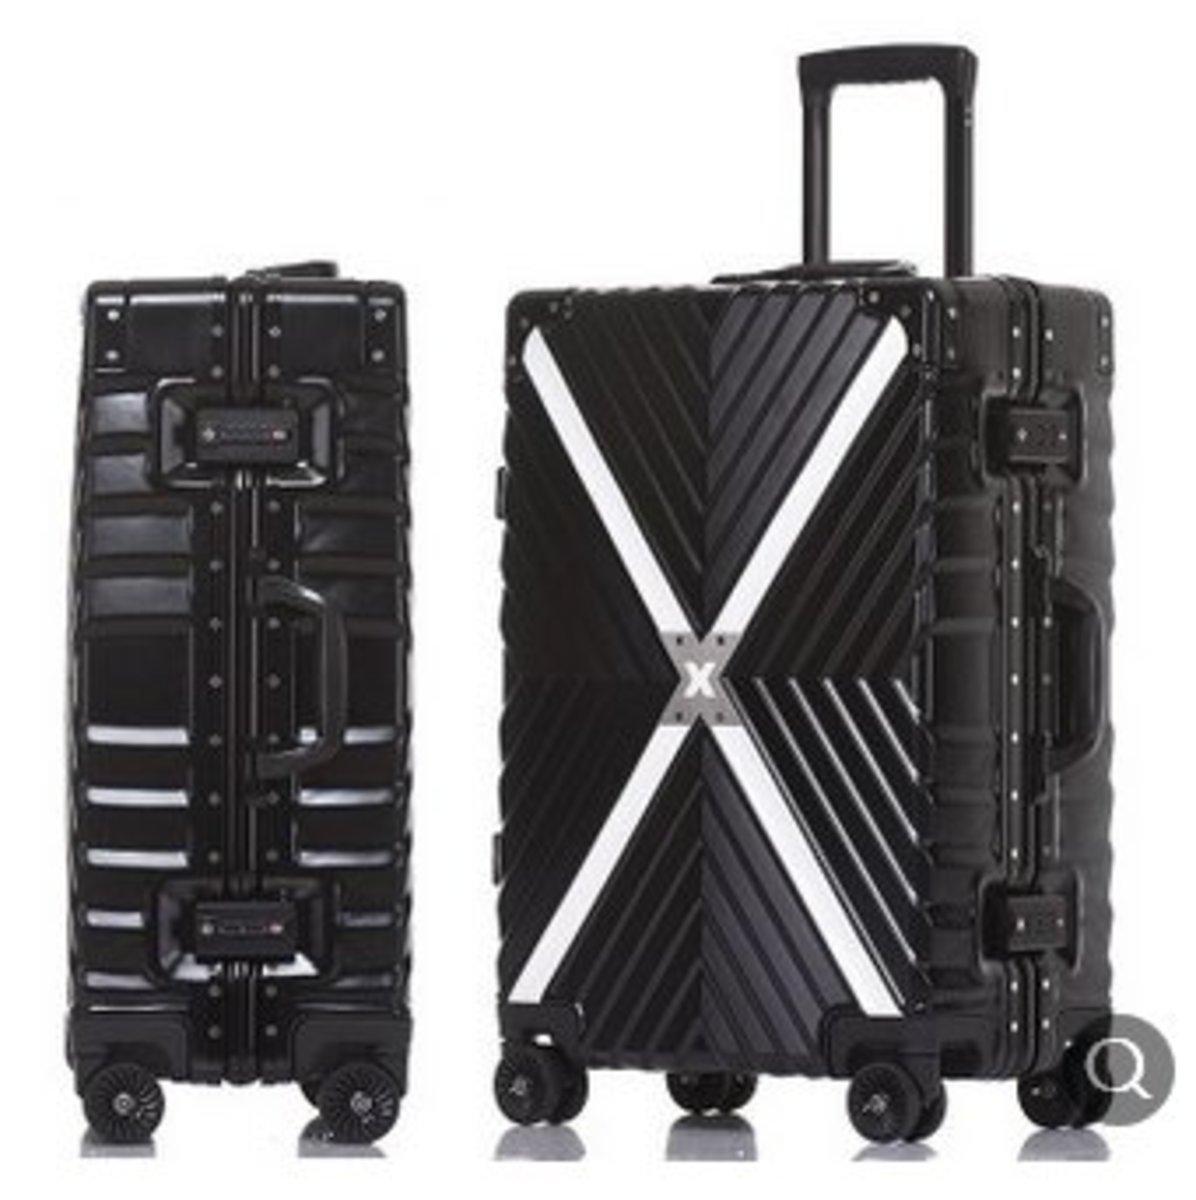 萬向輪拉桿箱行李箱(X戰警鋁框款50*35*24)黑色20寸